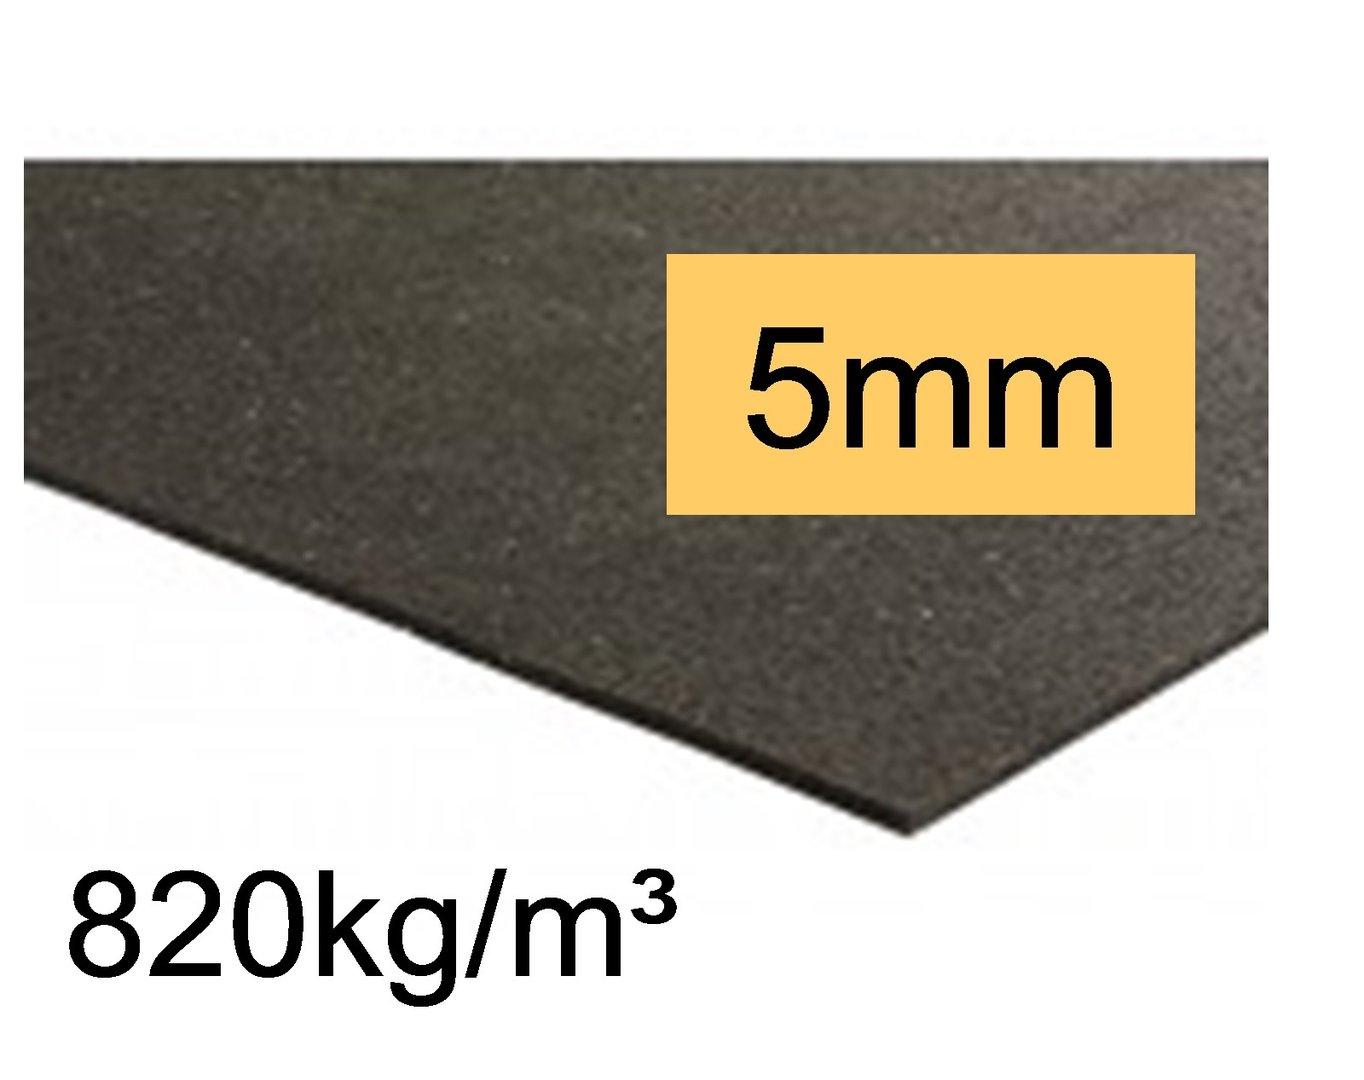 6 4m antirutschmatten 1 6x4m ladungssicherung 5mm vdi 2700 lkw. Black Bedroom Furniture Sets. Home Design Ideas